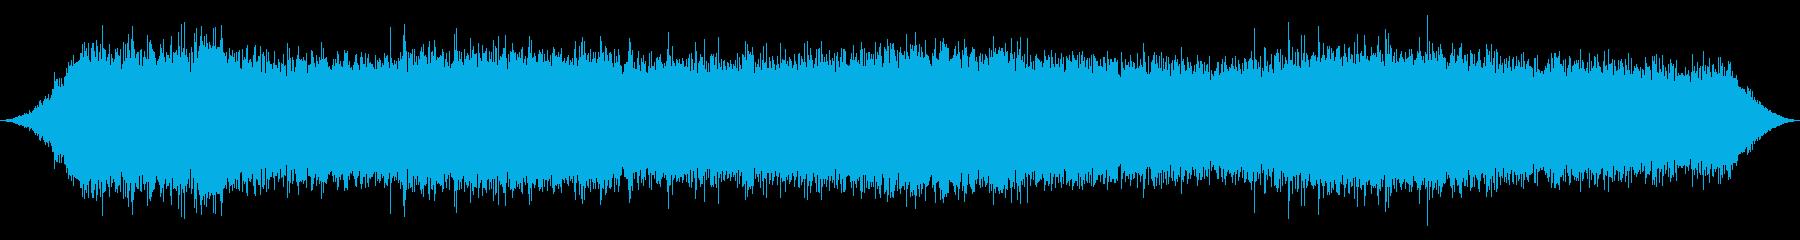 水処理プラント:水の混合とパイプの流れの再生済みの波形